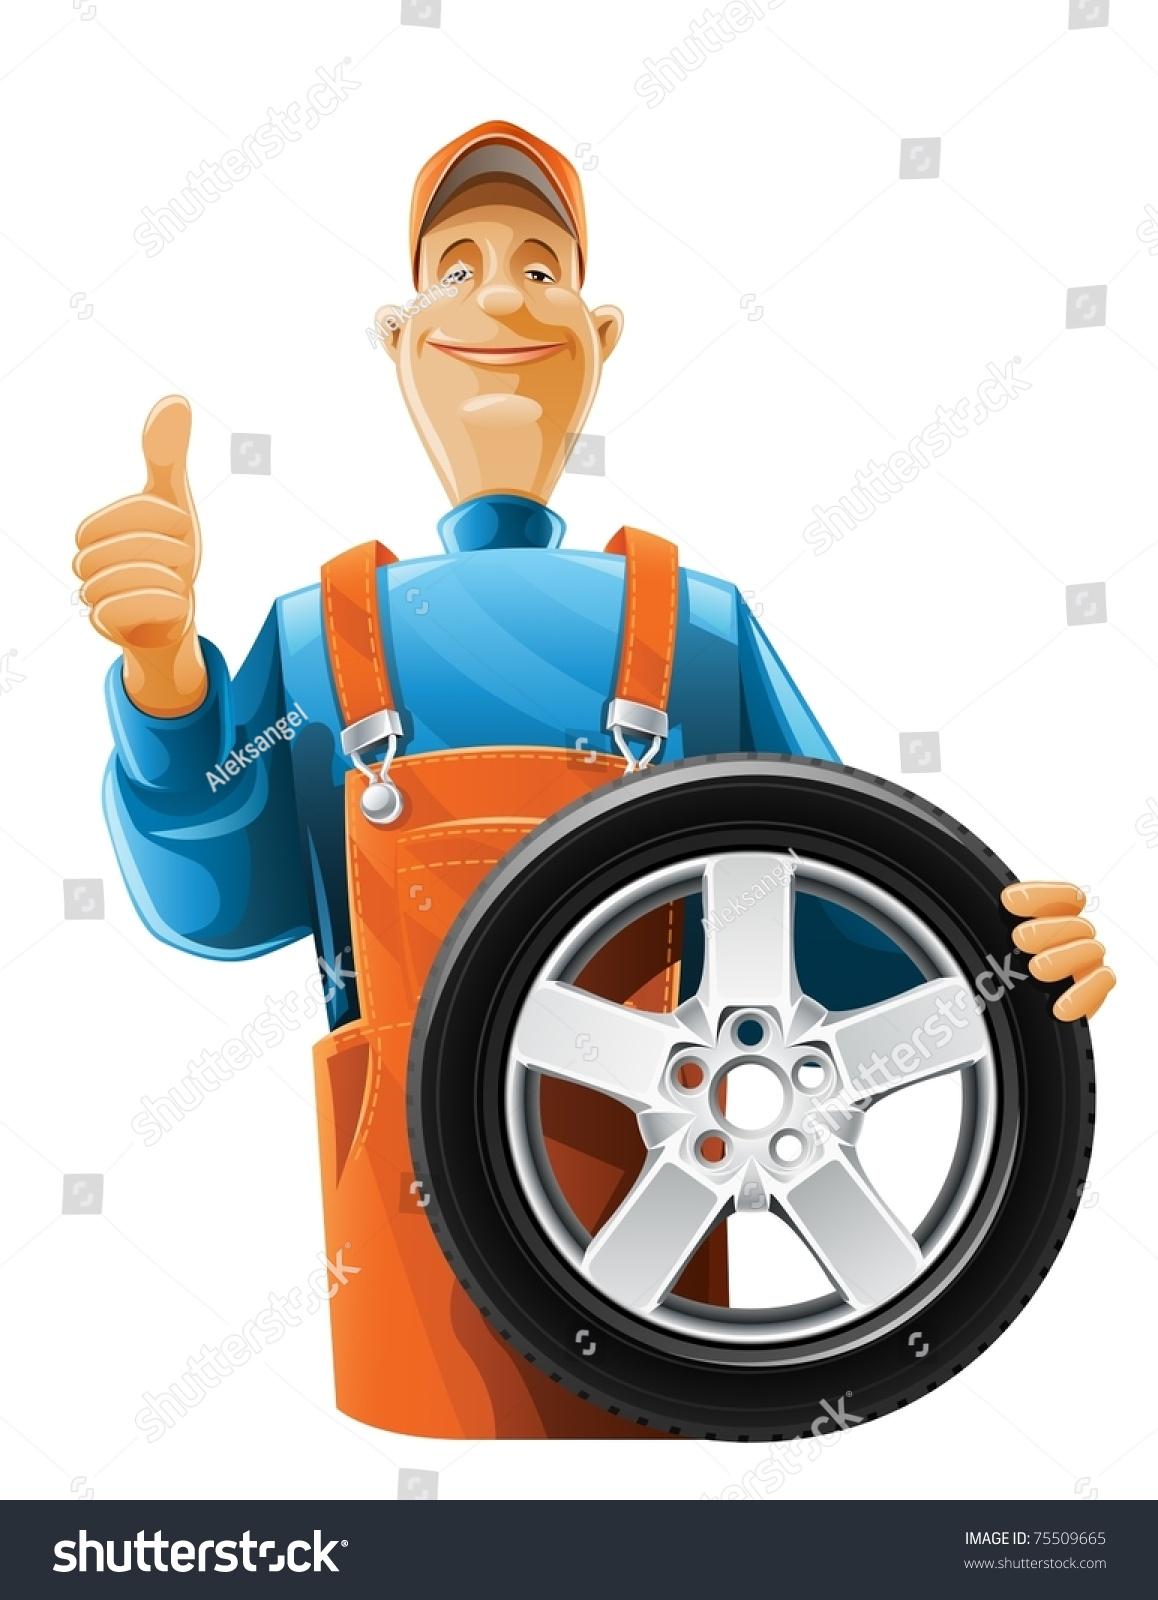 Изображения и анимация на колесах вашего автомобиля wtyf 8